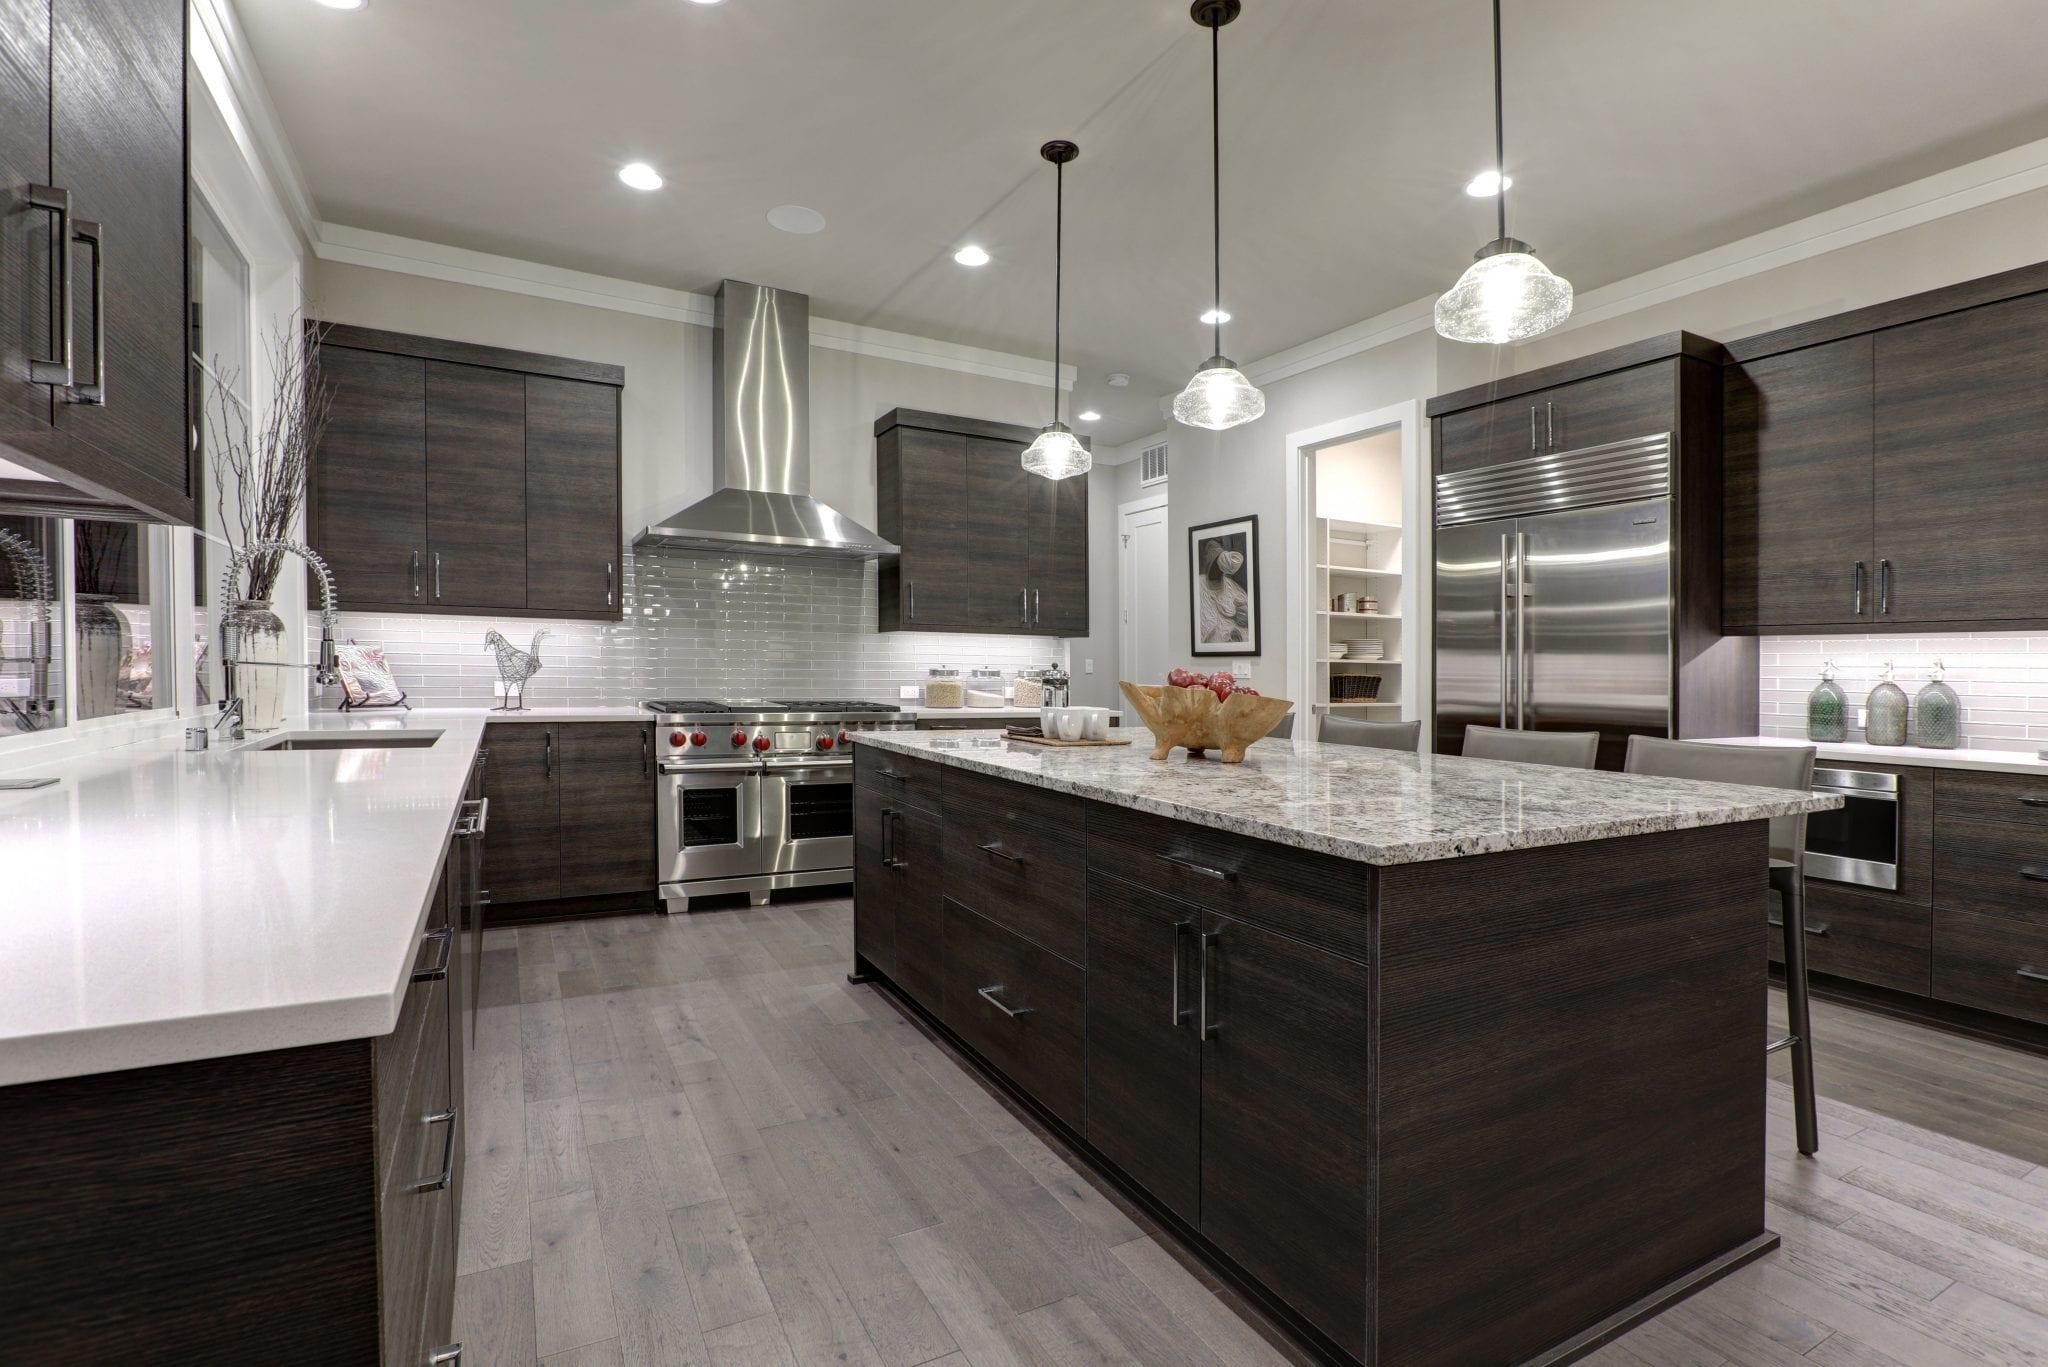 Modern chef's kitchen in home